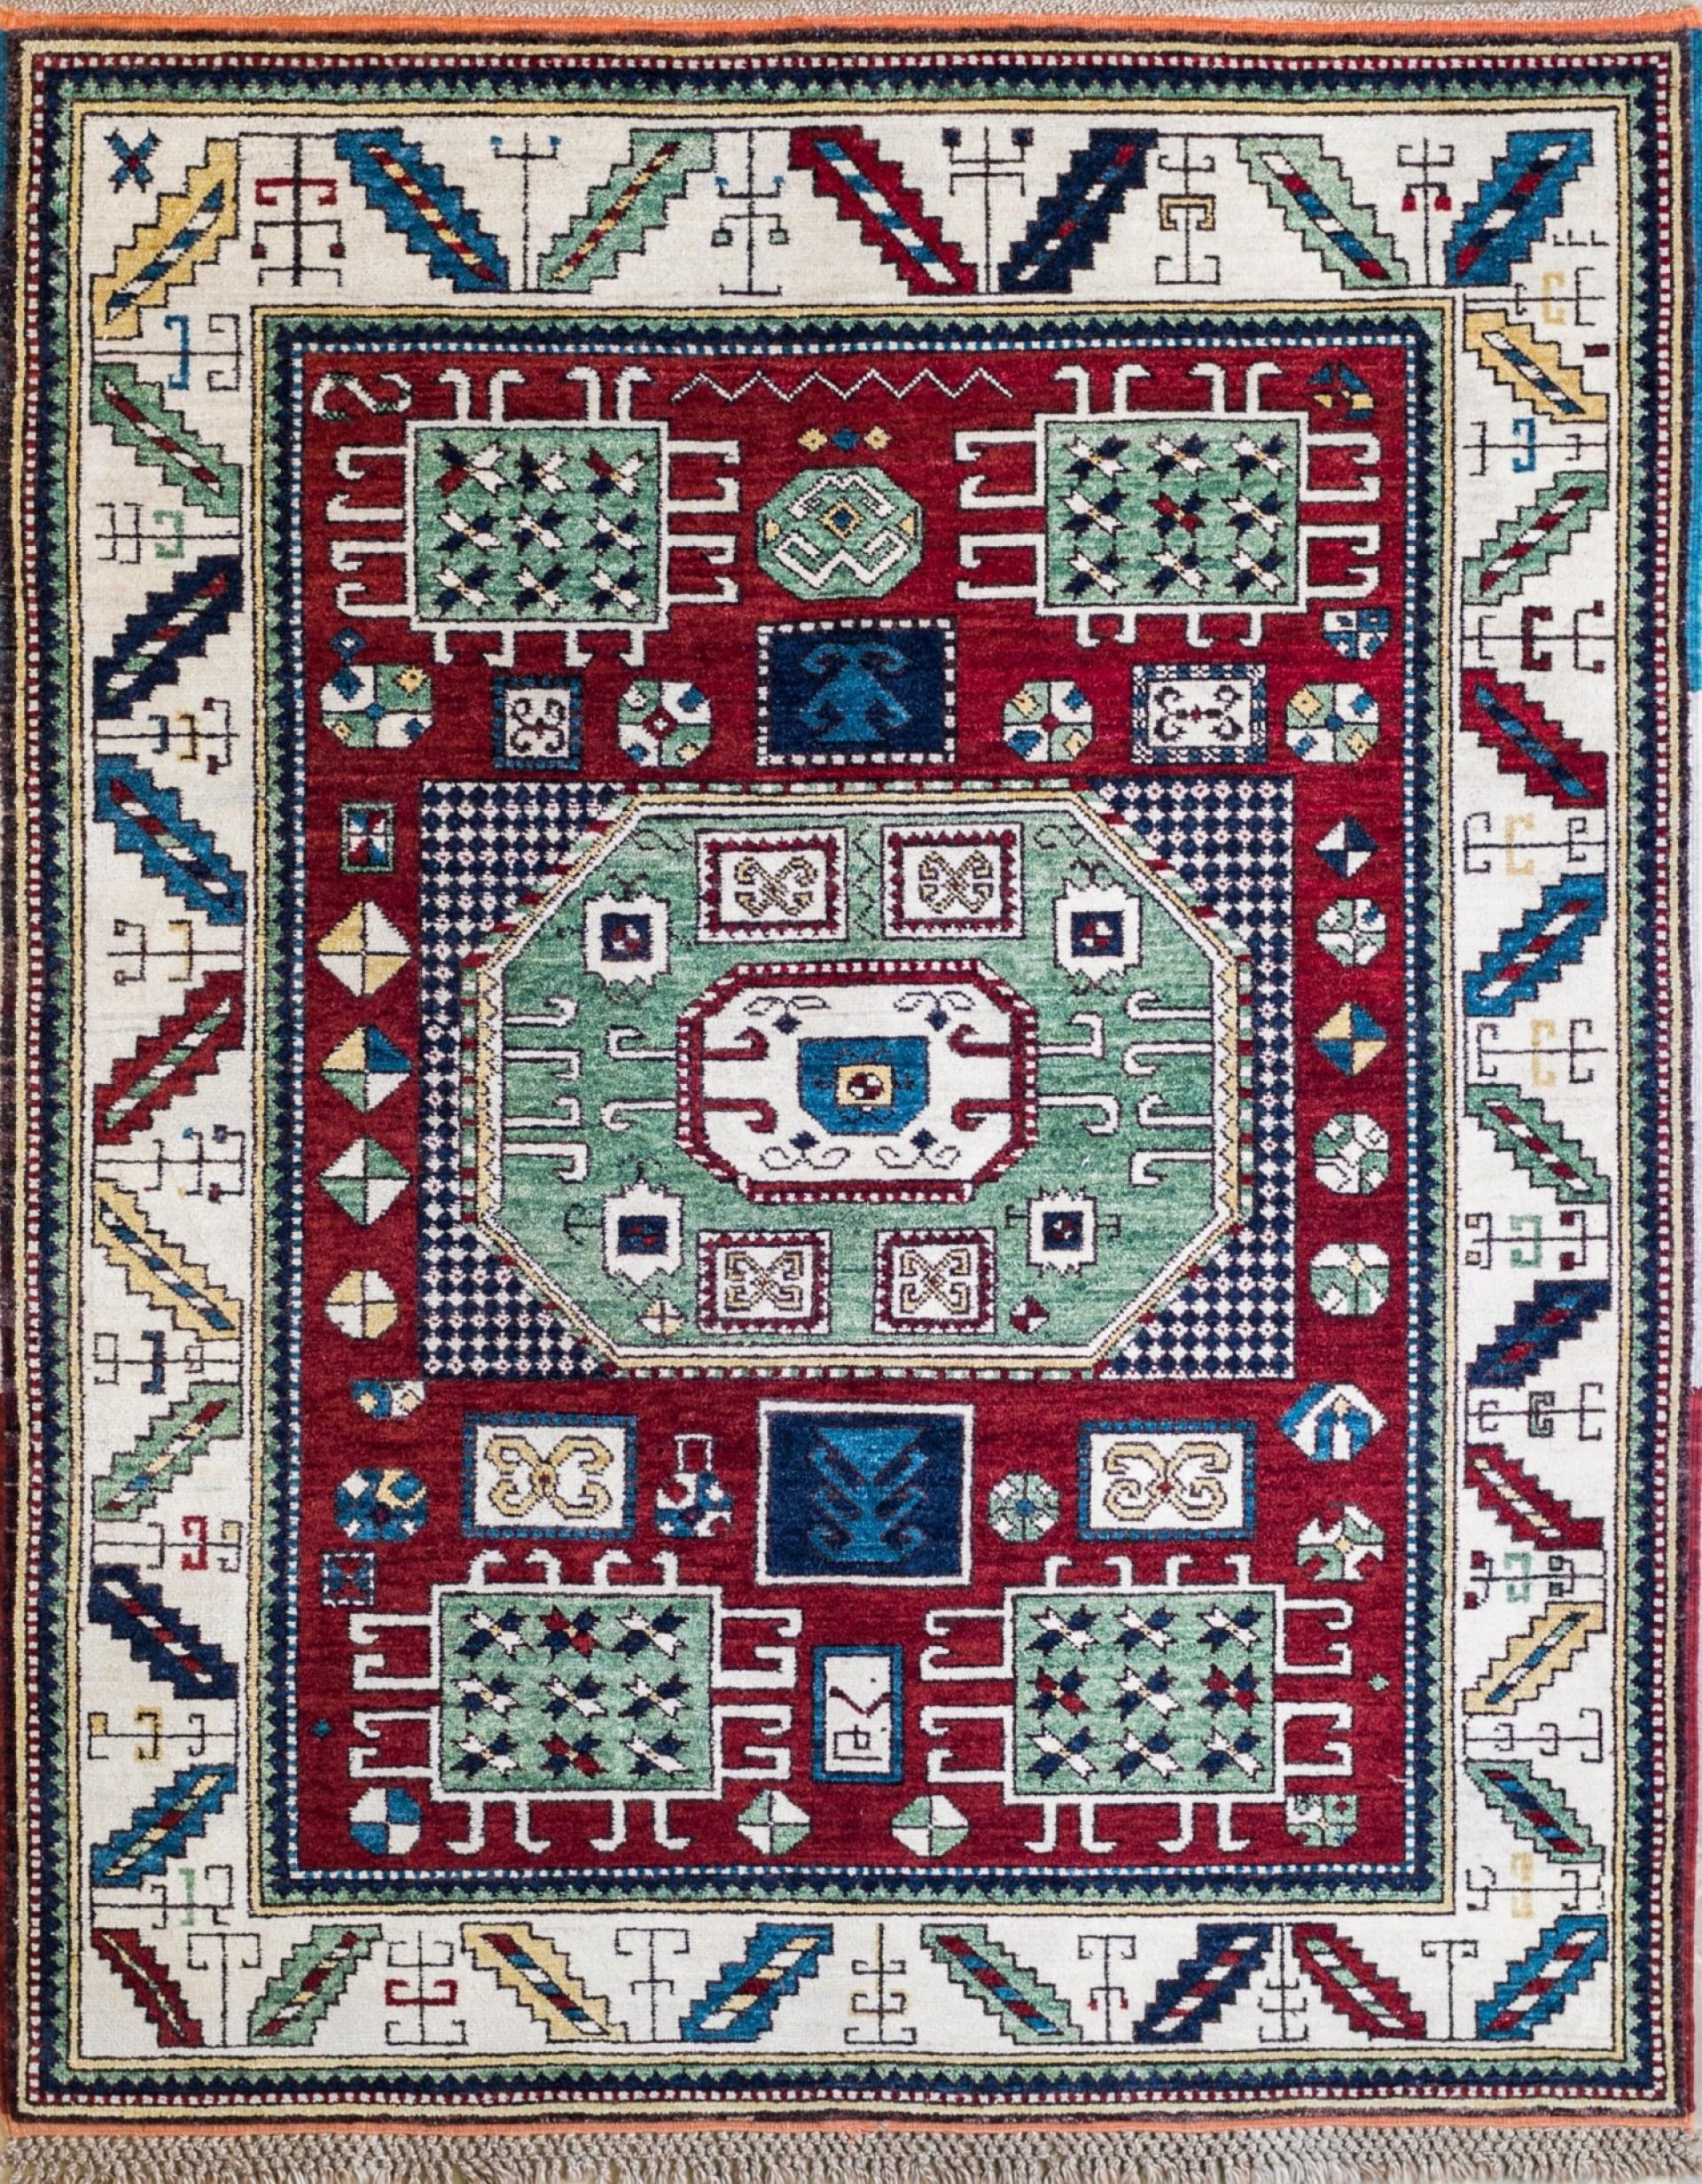 KARACHOPF III RED